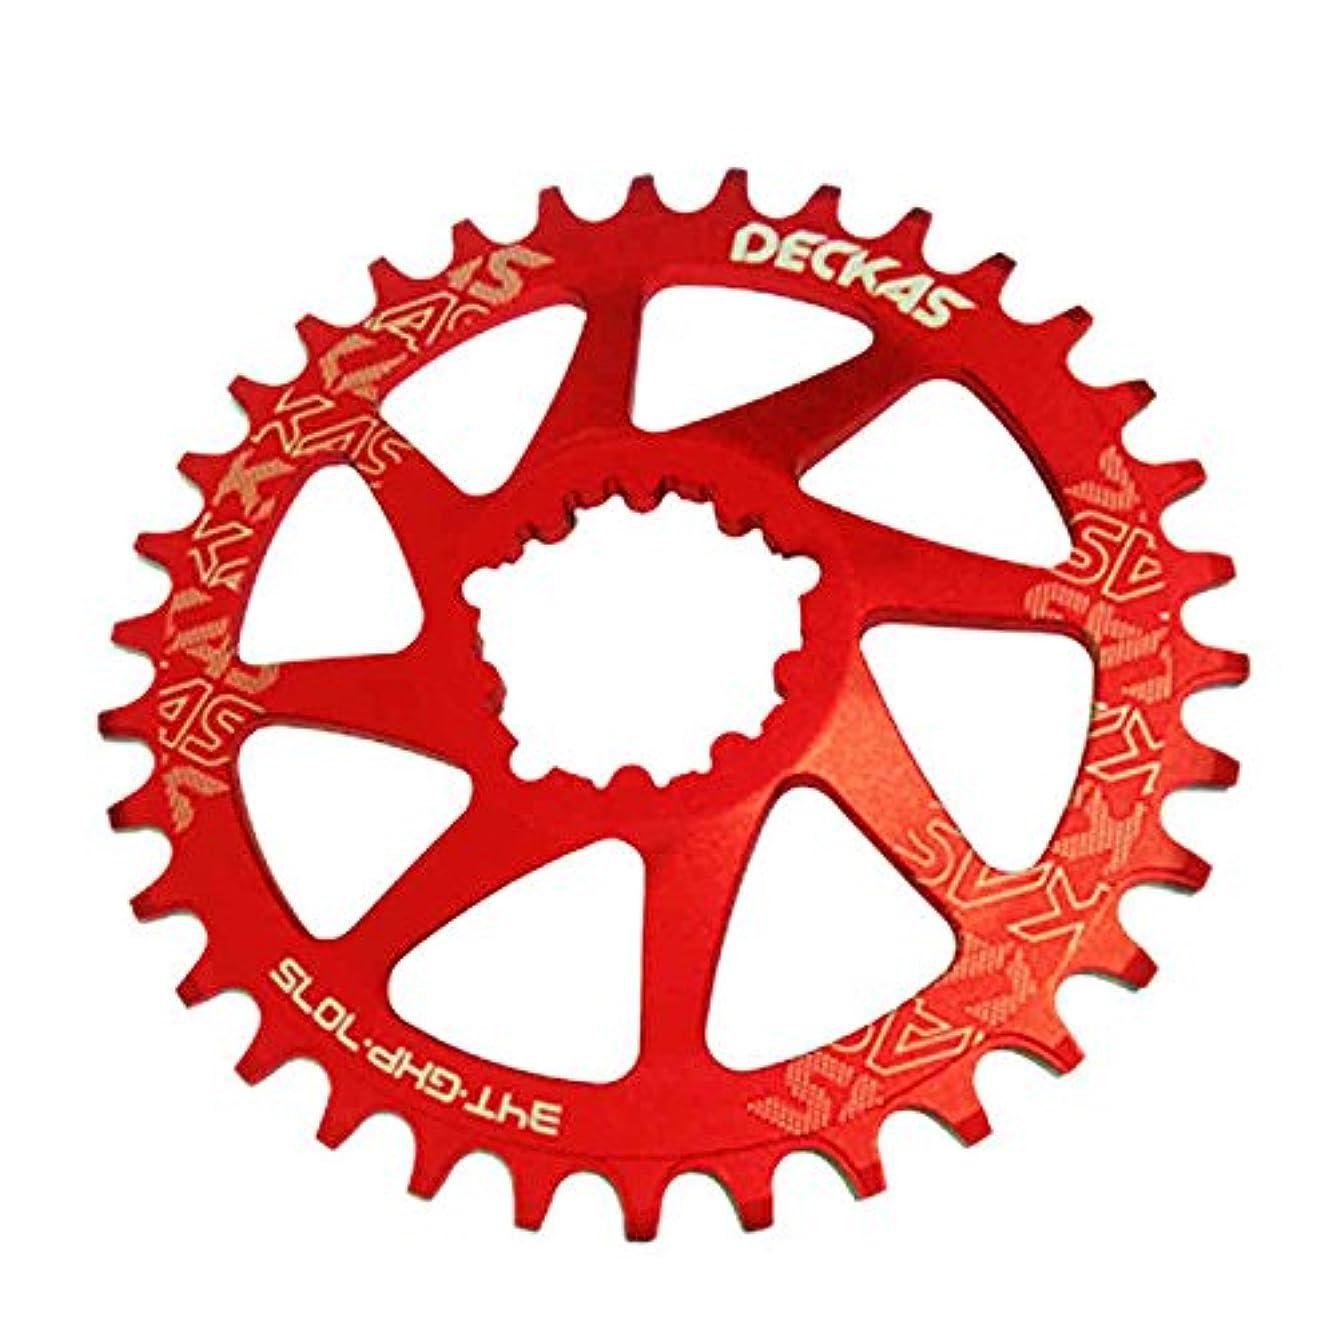 段階パーティーコーンウォールPropenary - GXP bicycle crankset Al 7075 CNC32T 34T Narrow Wide Chainring Chainwheel for Sram XX1 XO1 X1 GX XO X9 crankset bicycle parts [ 32T Red ]